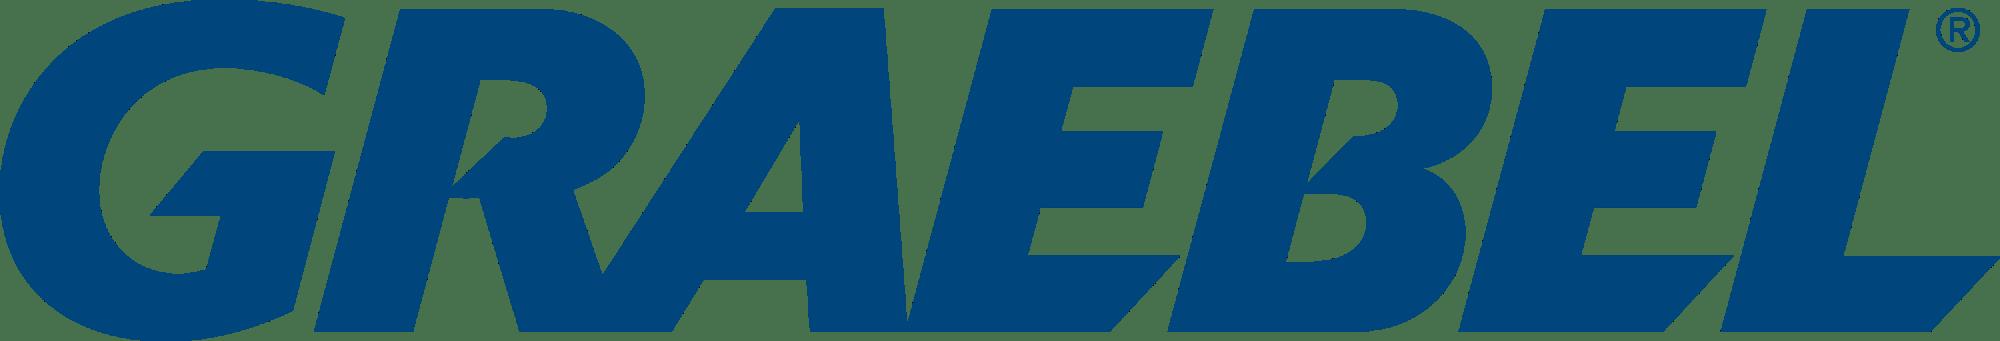 graebel-logo.png